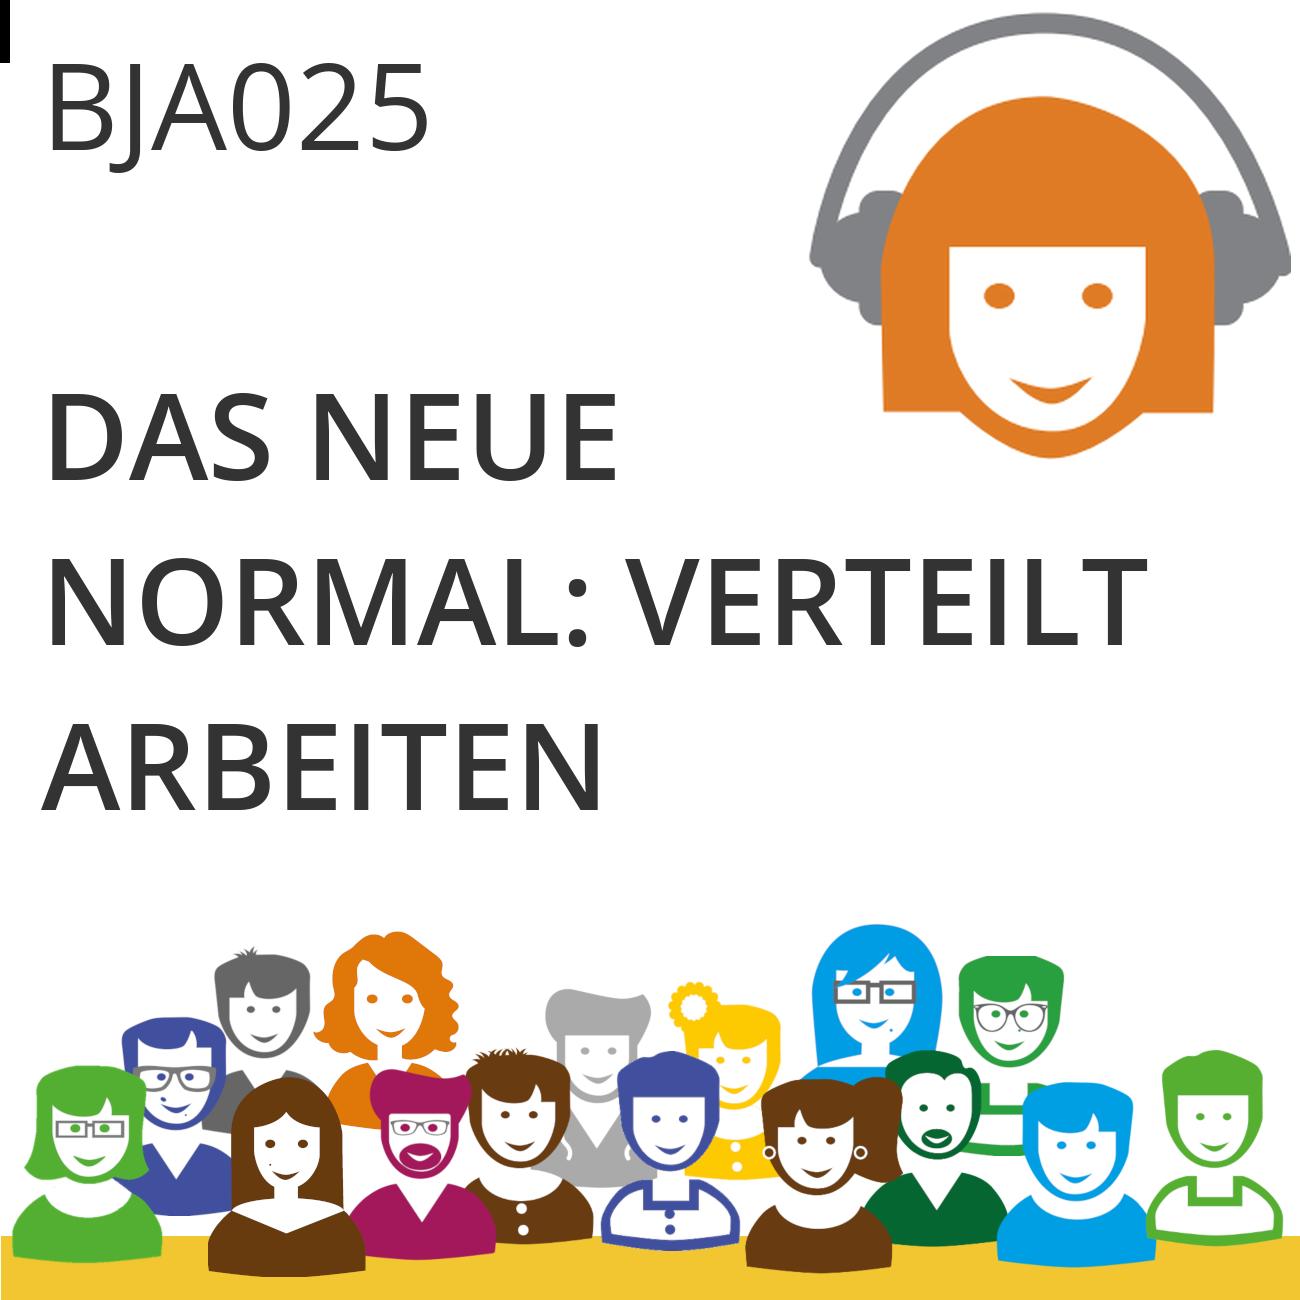 BJA025 | Das neue Normal: verteilt arbeiten